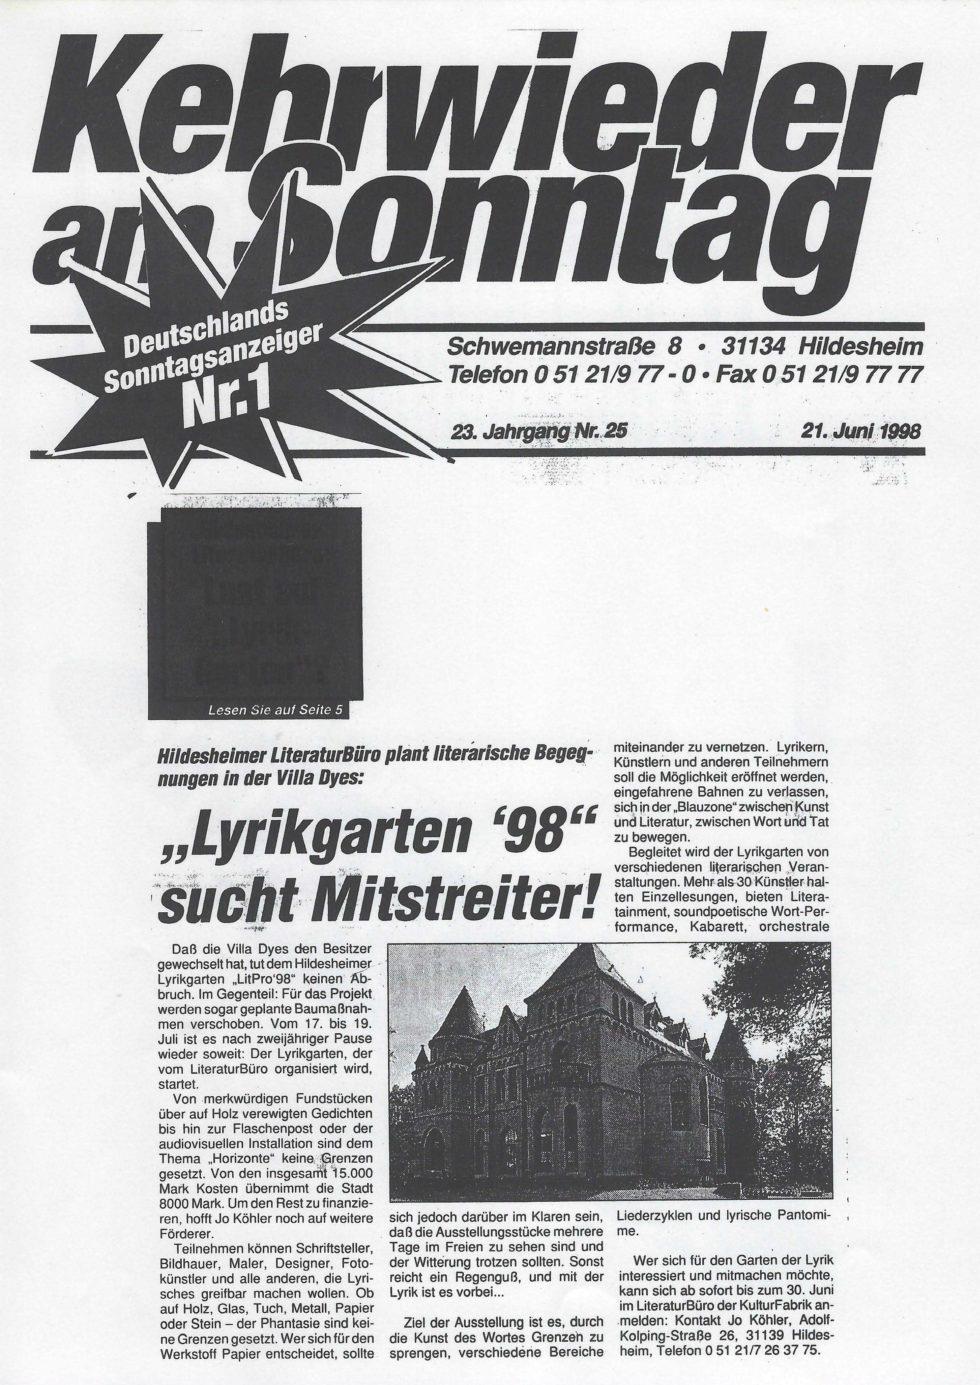 1998 LyrikGarten, LiteraTalk, Politisches_Seite_24